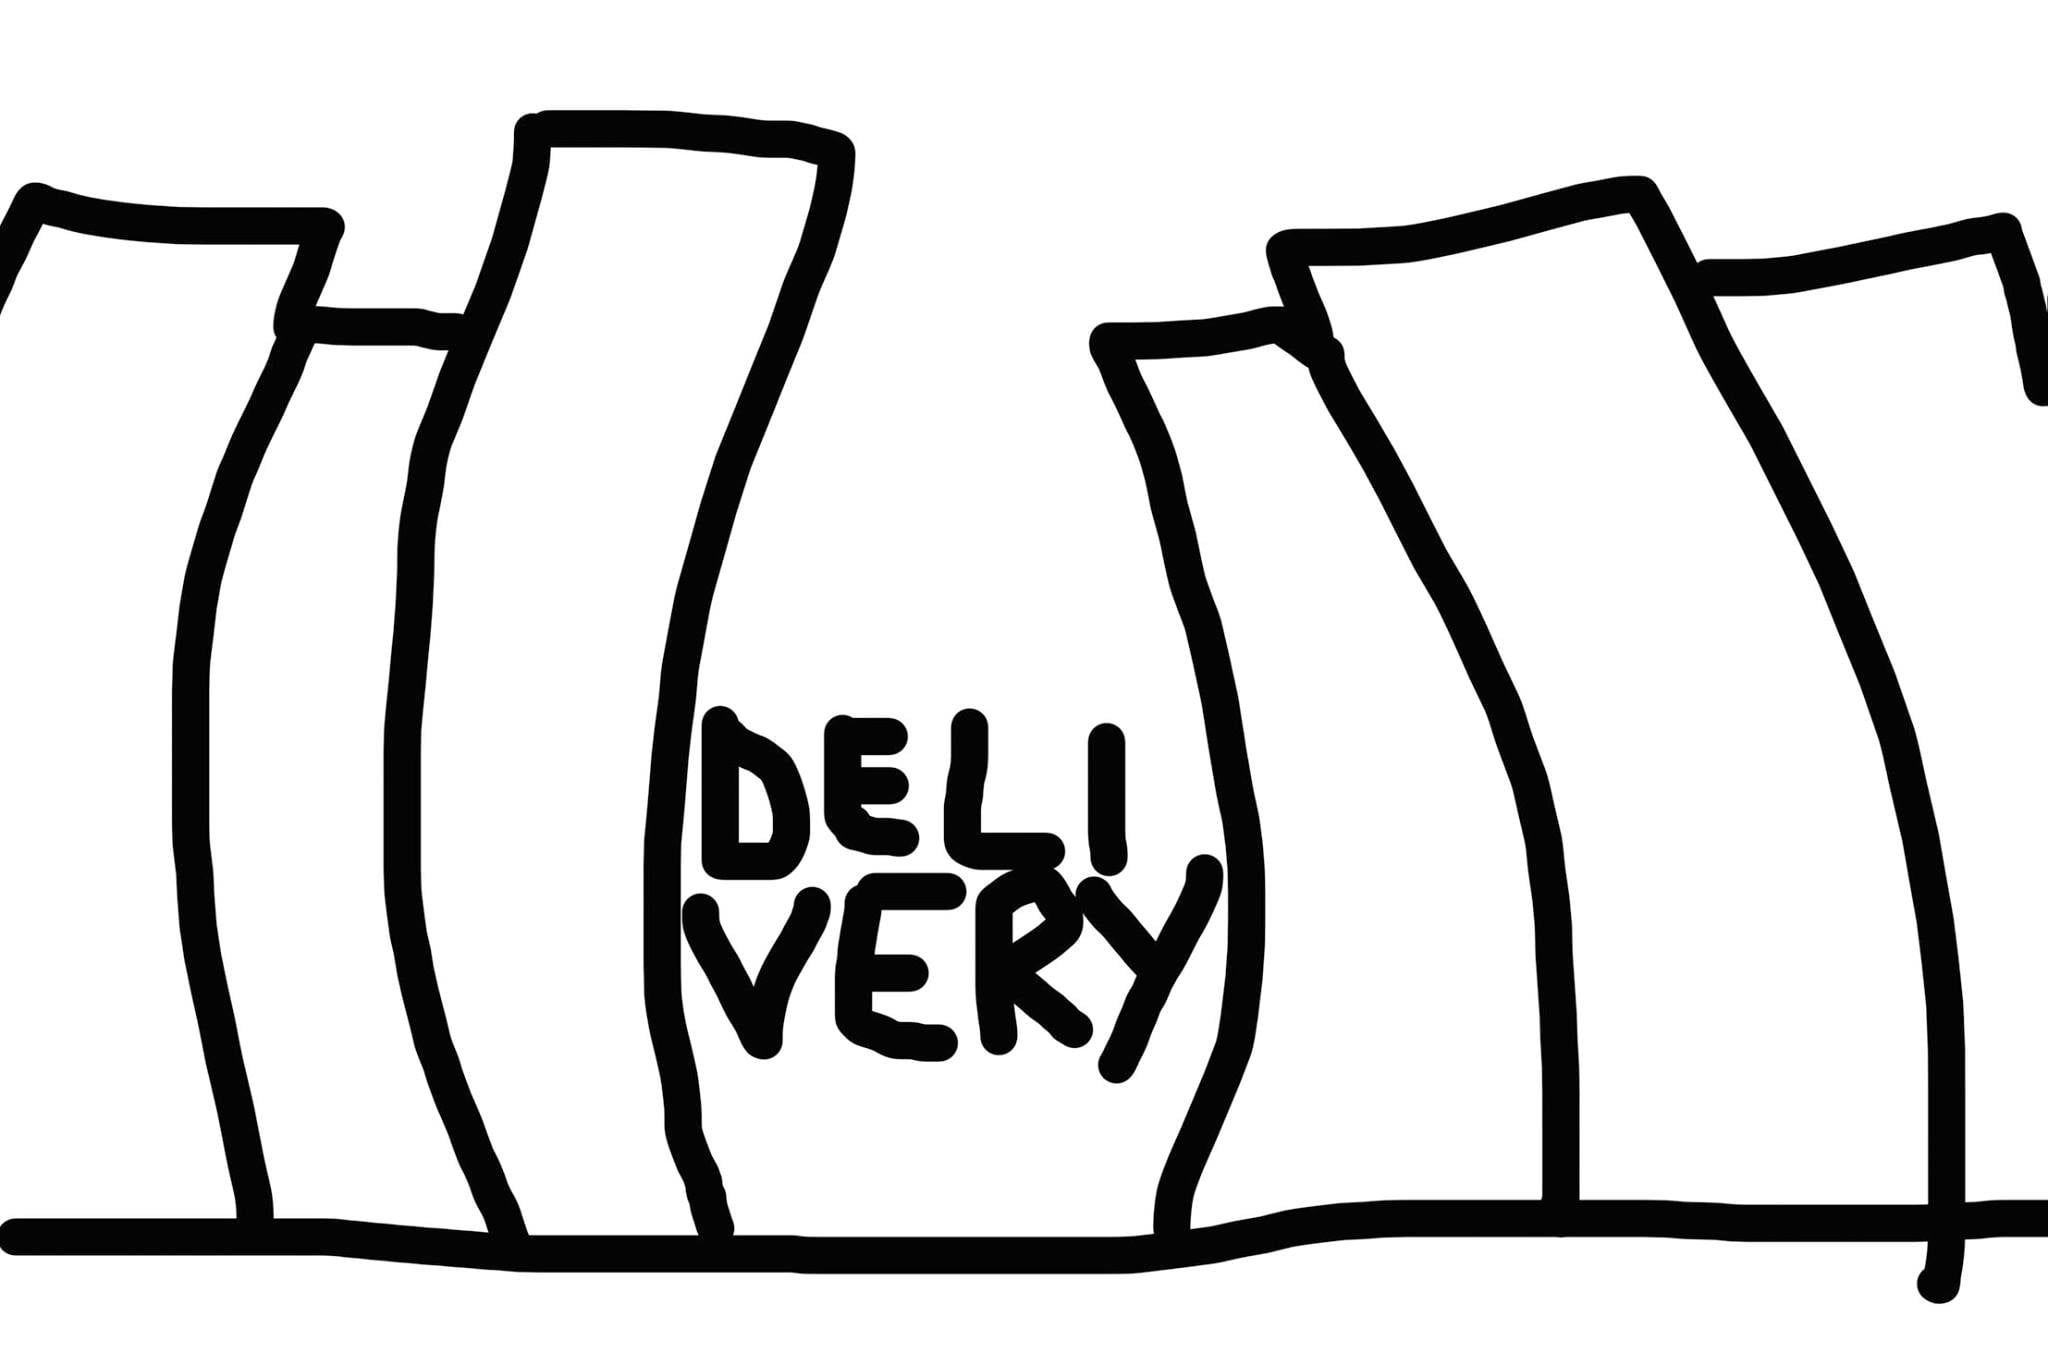 03. Dan Perjovschi pentru Street Delivery